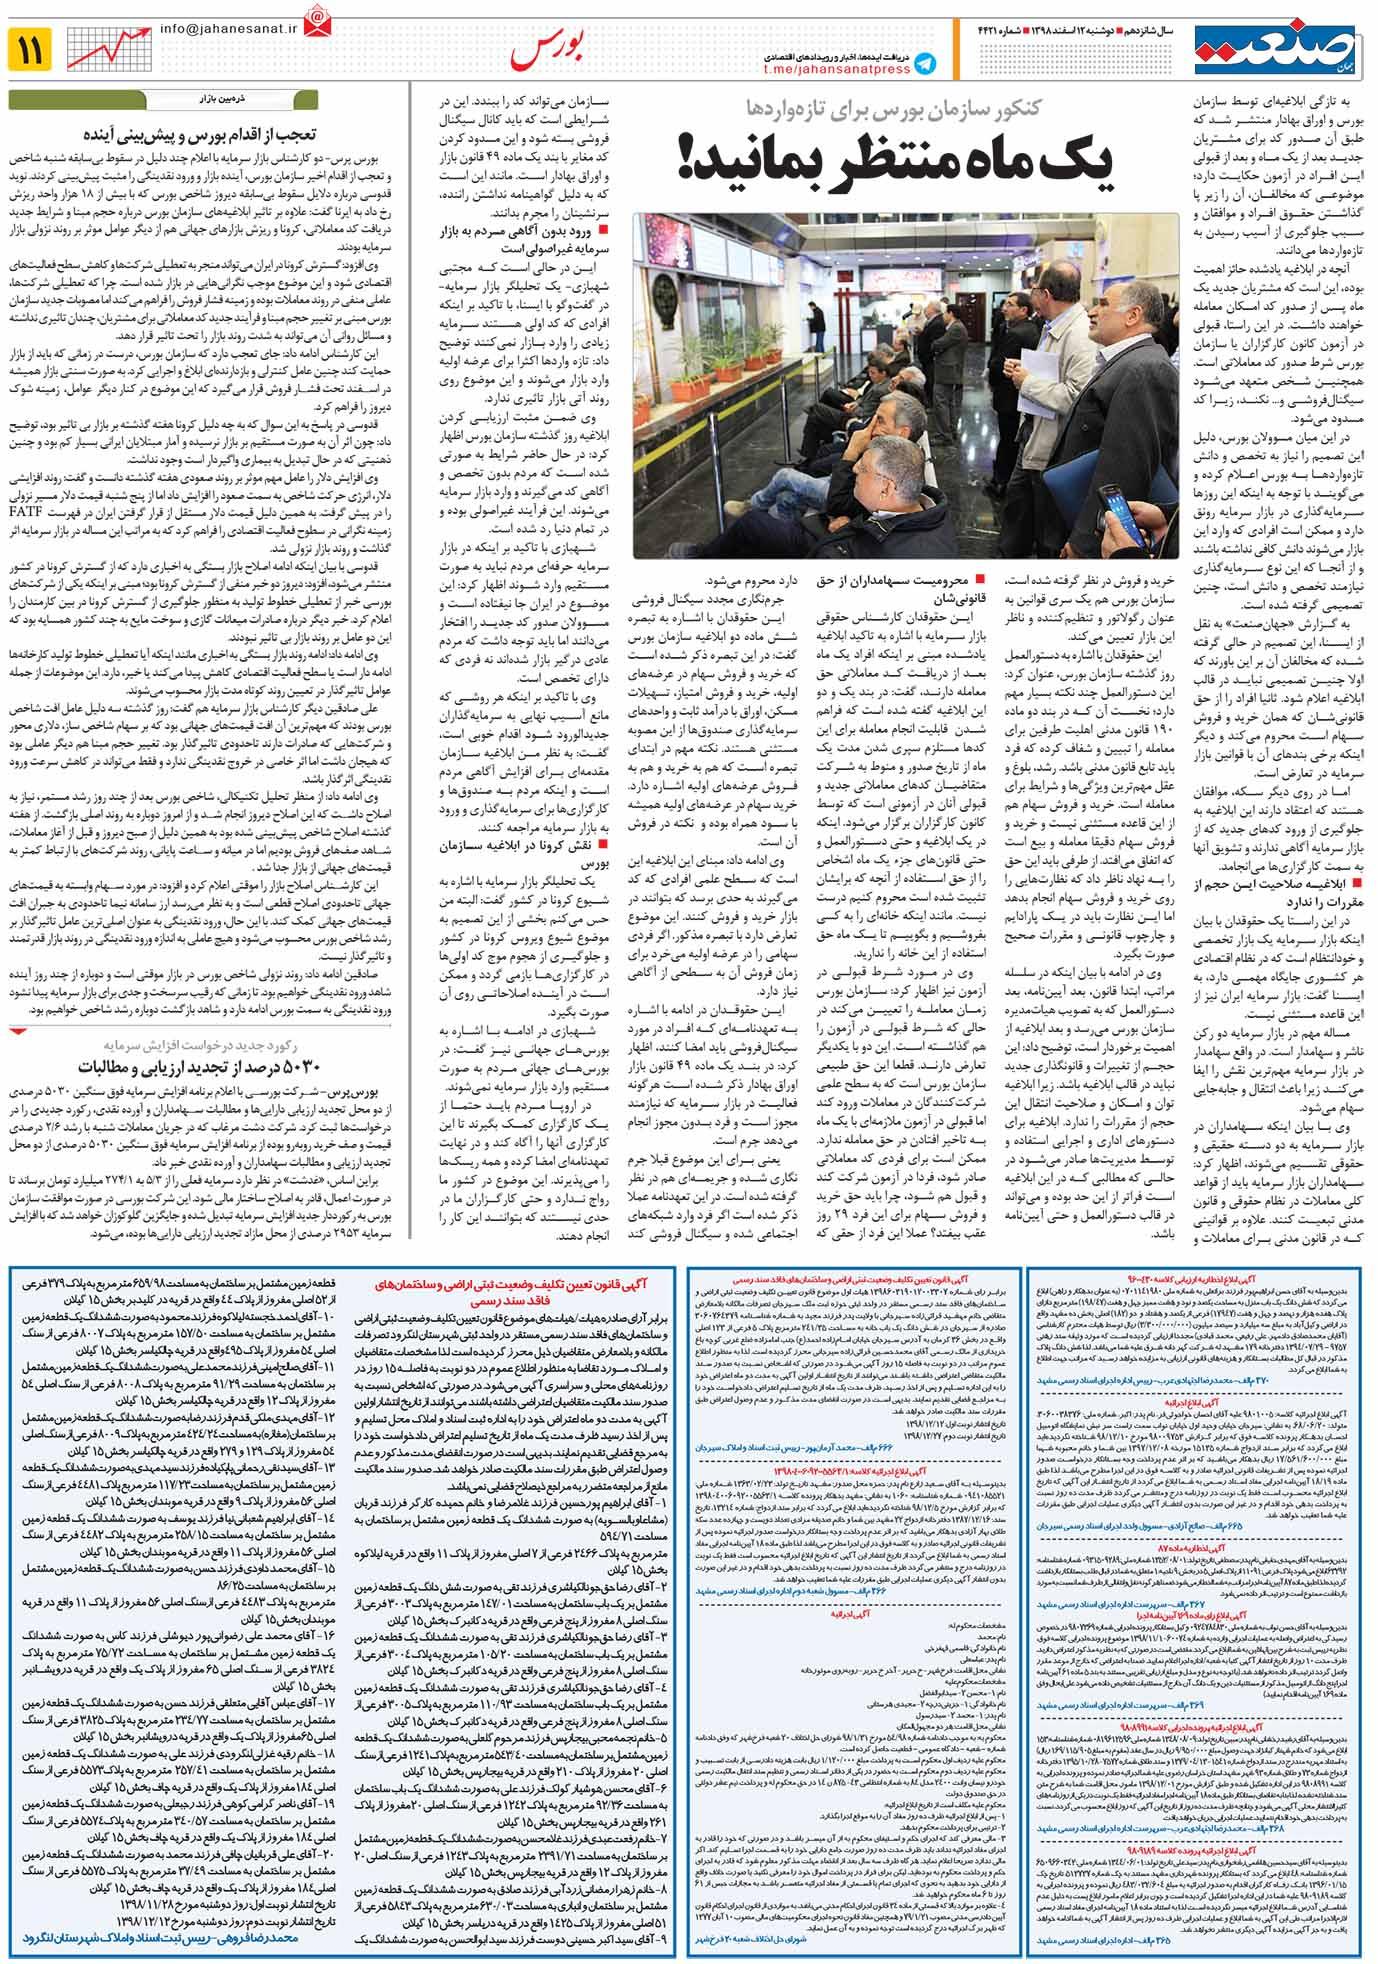 صفحه ۱۱ – ۱۲ اسفند ۱۳۹۸